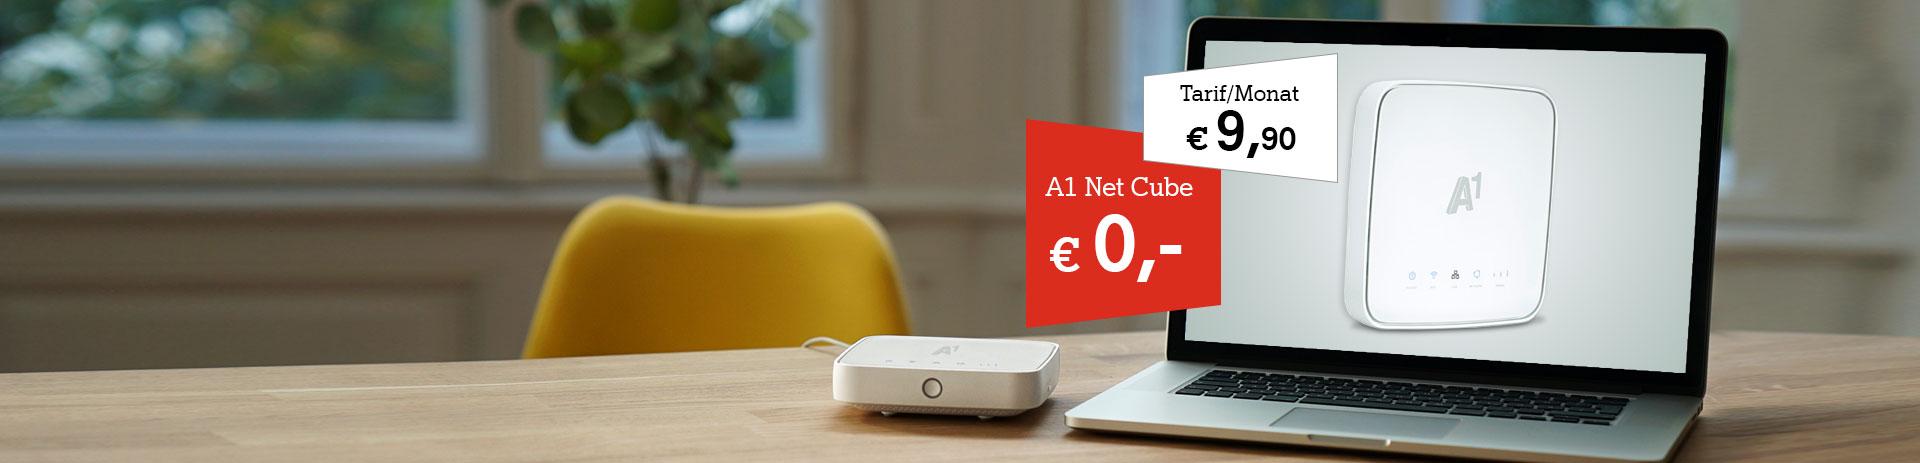 A1 Net Cube neben einem Laptop auf einem Schreibtisch